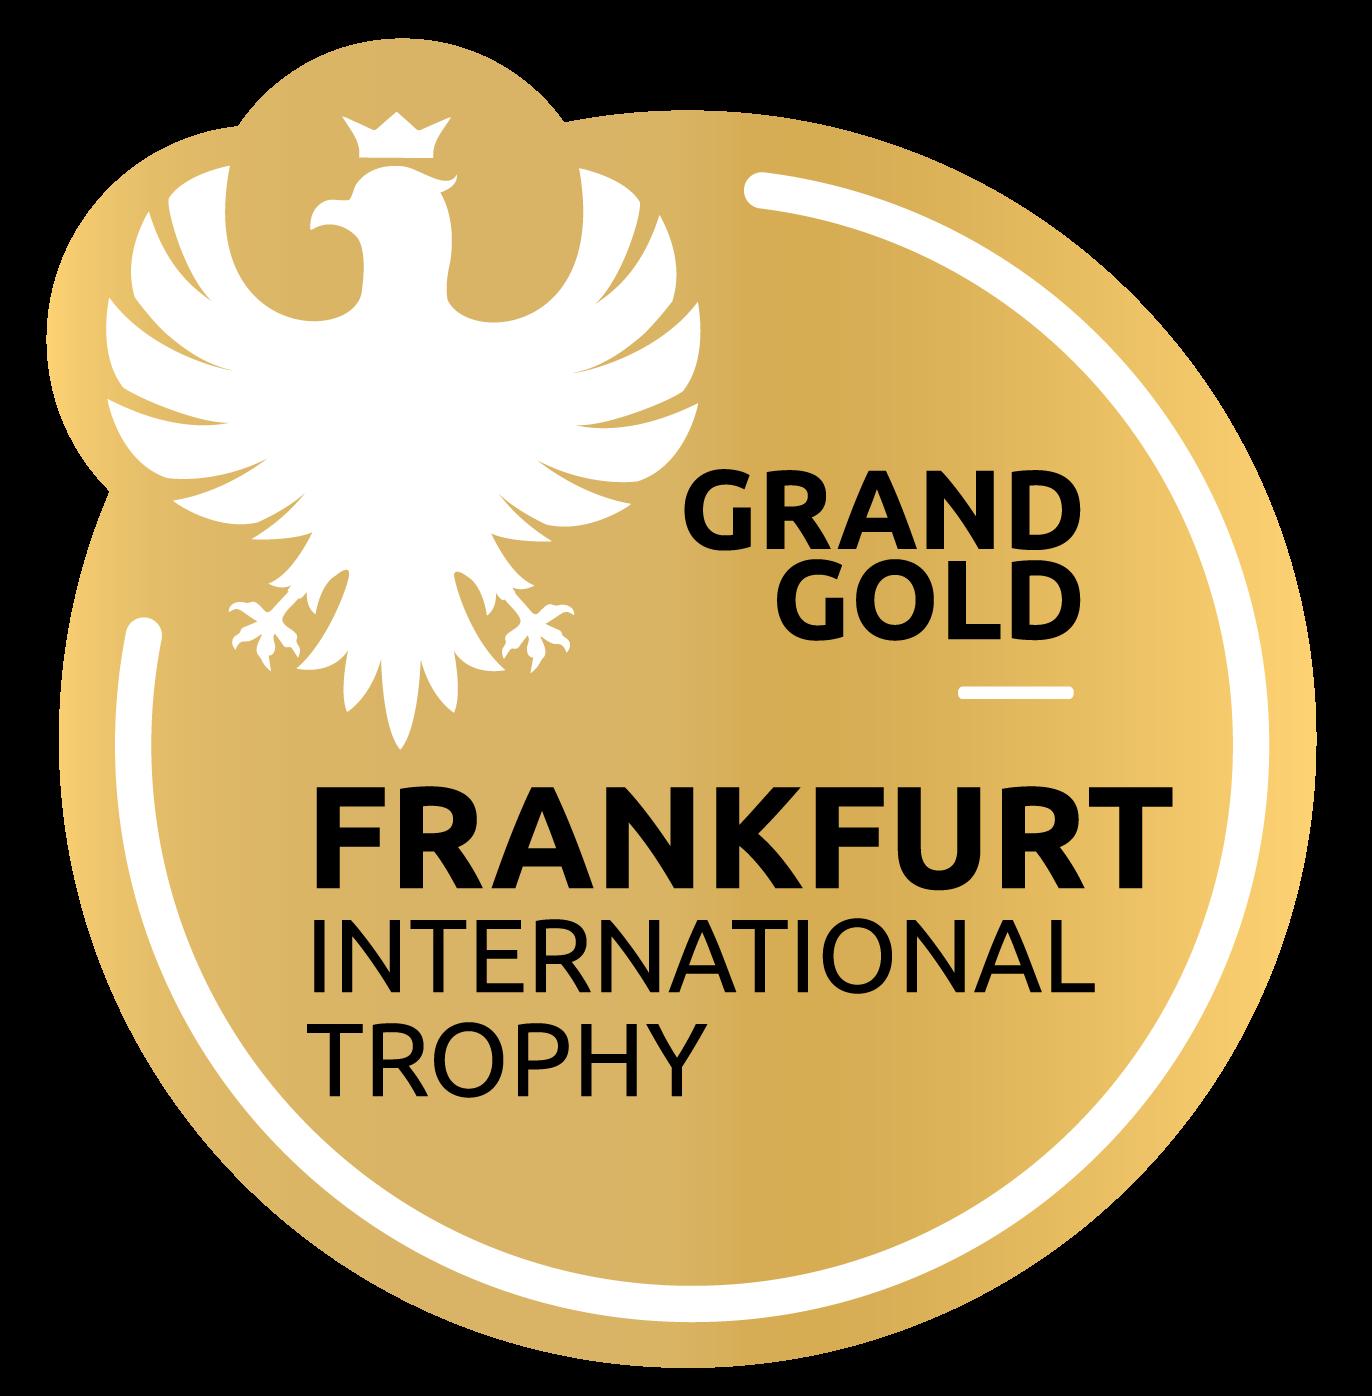 medaille-d-or-frankfurt-international-trophy-2018